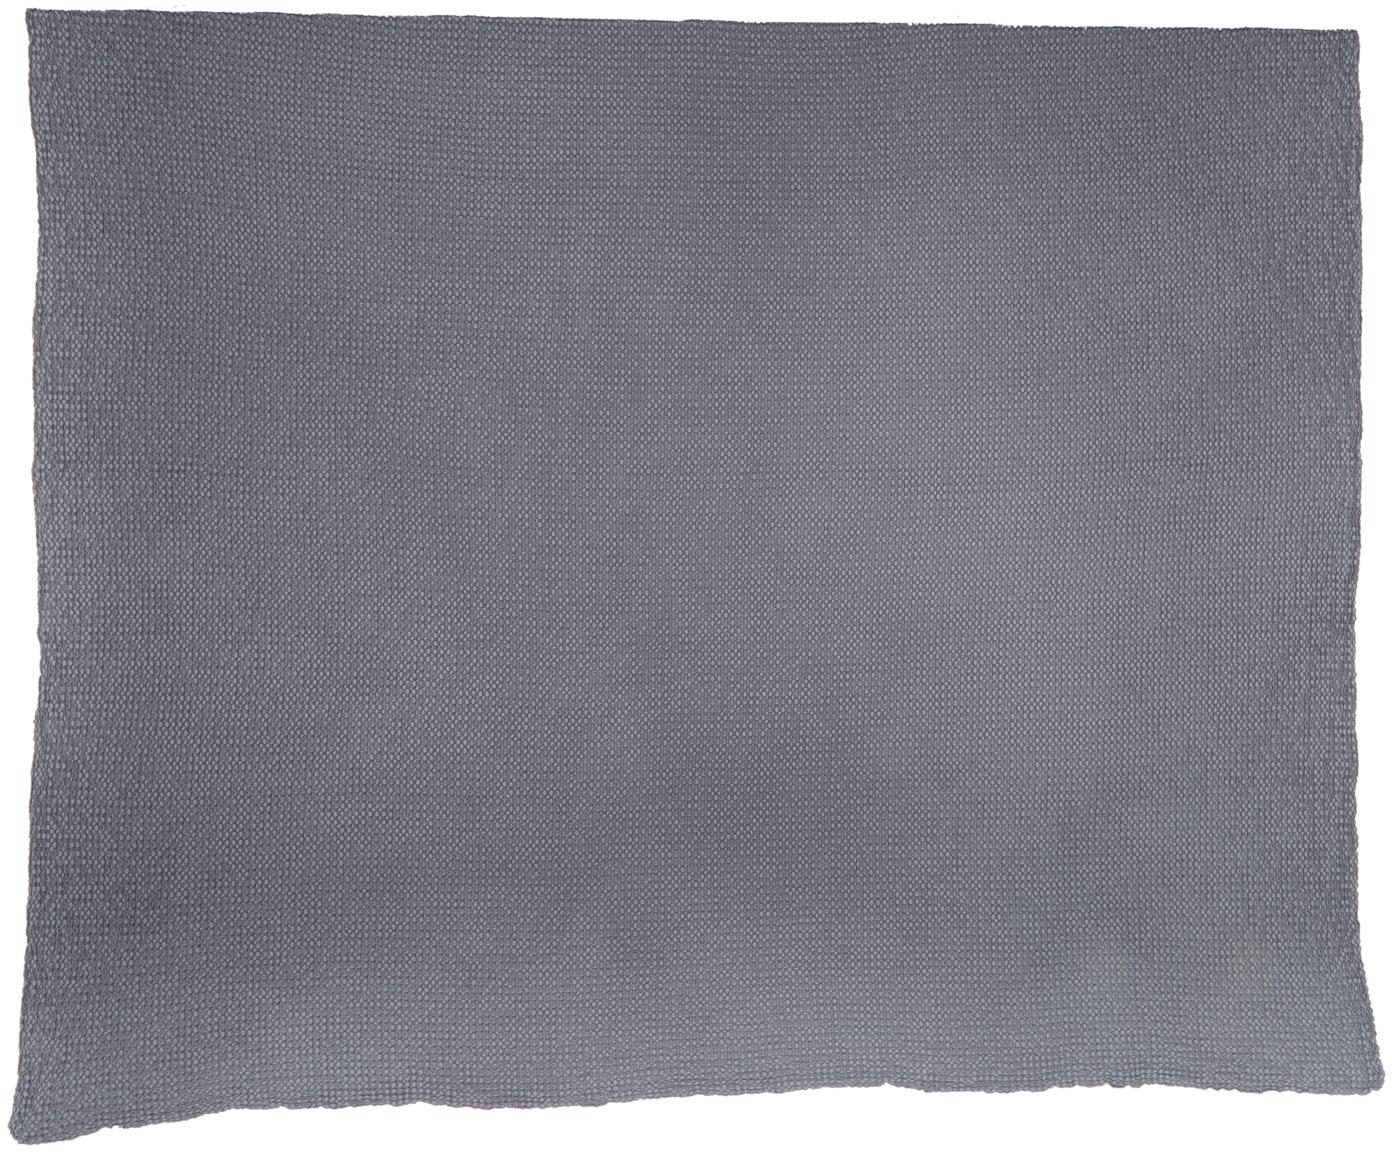 Narzuta ze strukturalną powierzchnią Vigo, 100% bawełna, Ciemny niebieski, S 220 x D 240 cm